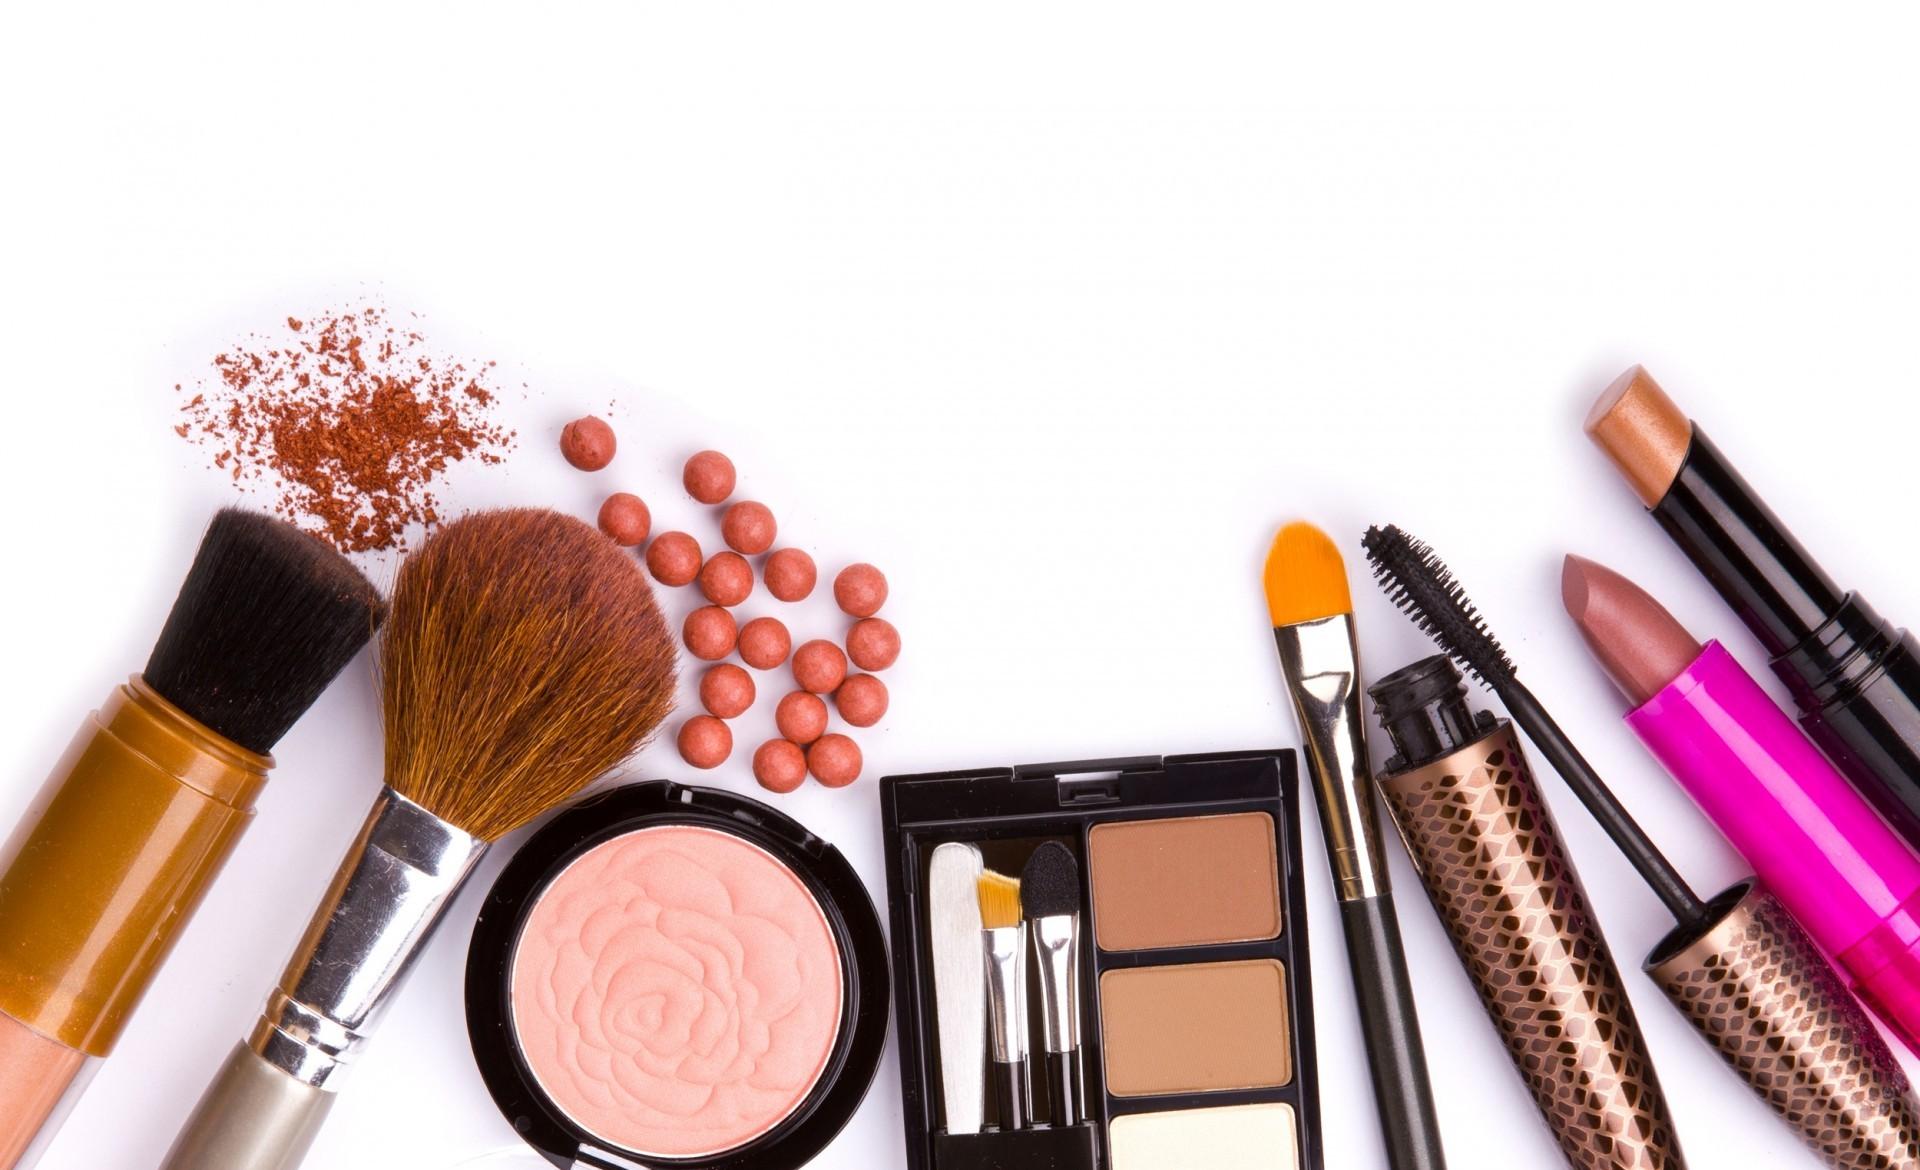 Image result for Make up wallpaper